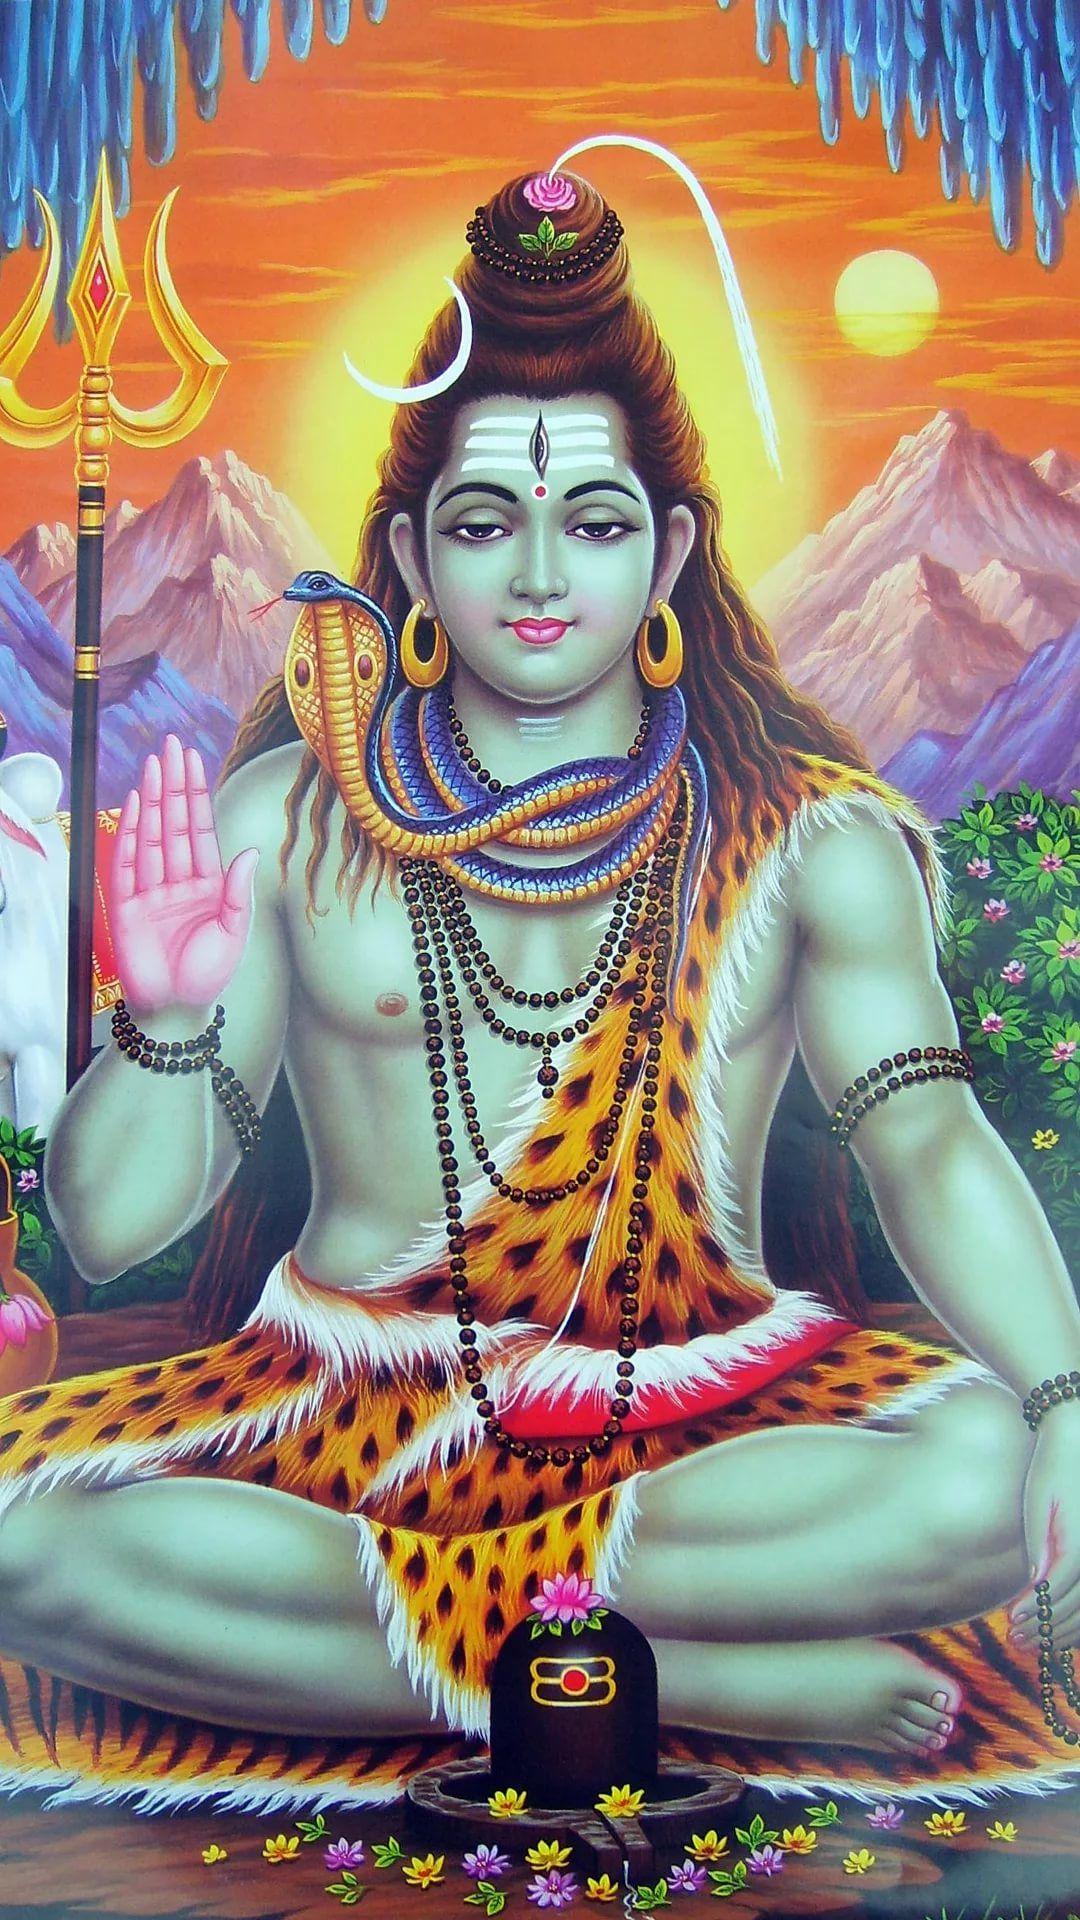 Om Mantra wallpaper 1080x1920